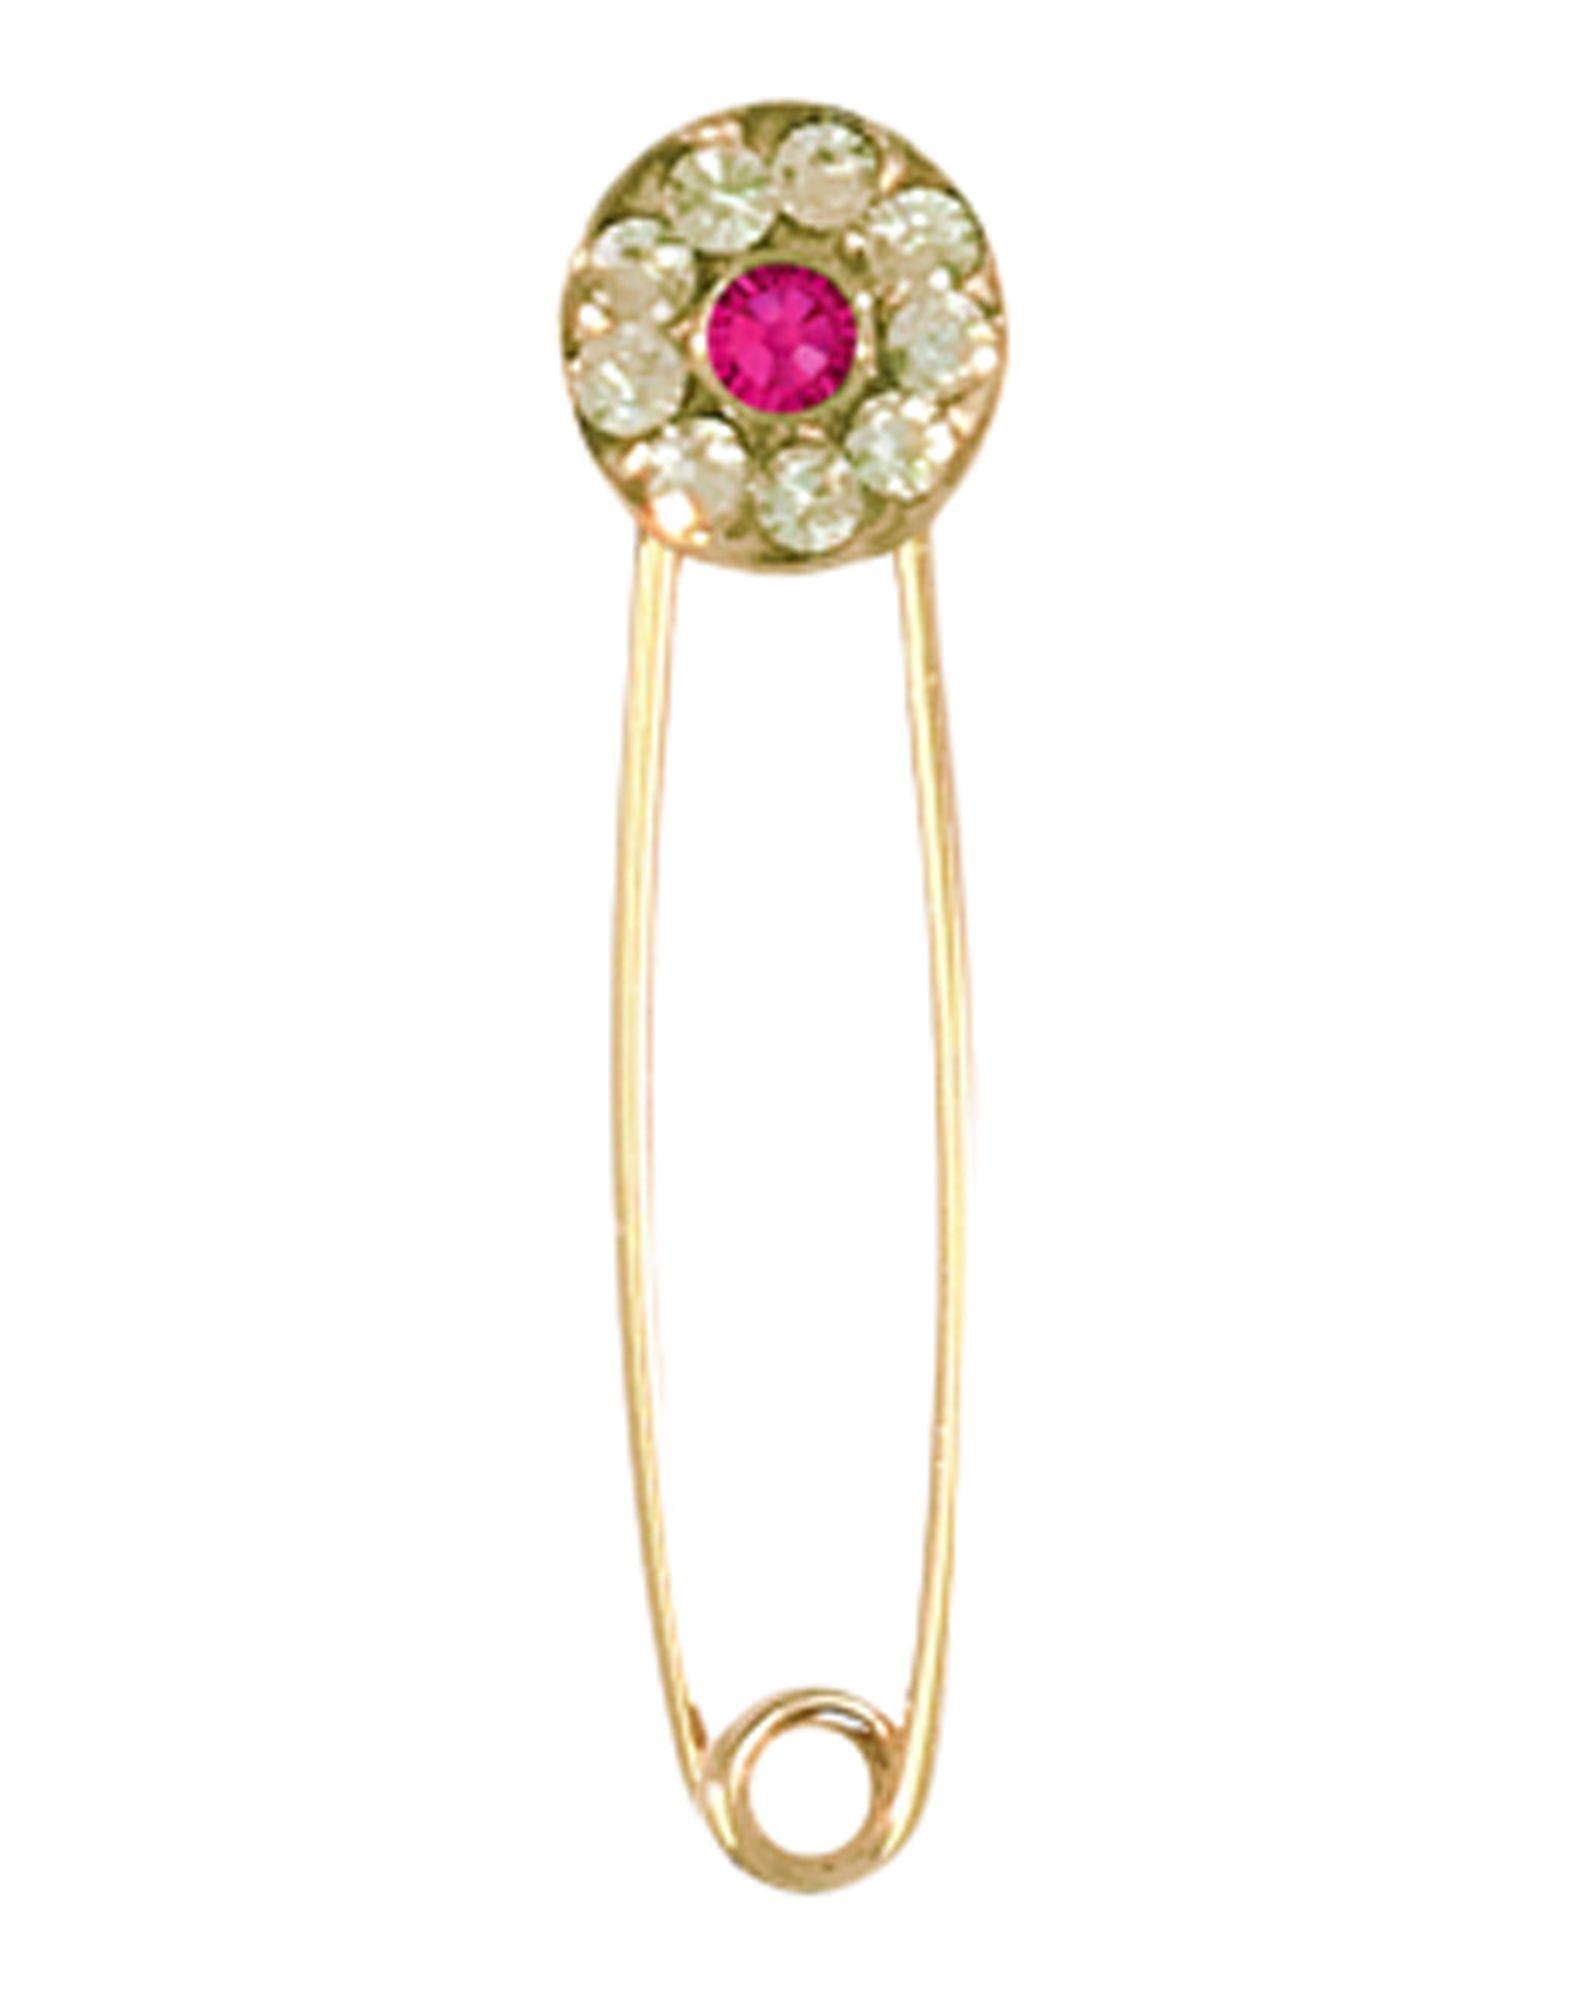 《送料無料》EYLAND レディース ピアス&イヤリング ゴールド クリスタル / 9金メッキ / 真鍮/ブラス JUDY SINGULAR SAFETY PIN EARRING